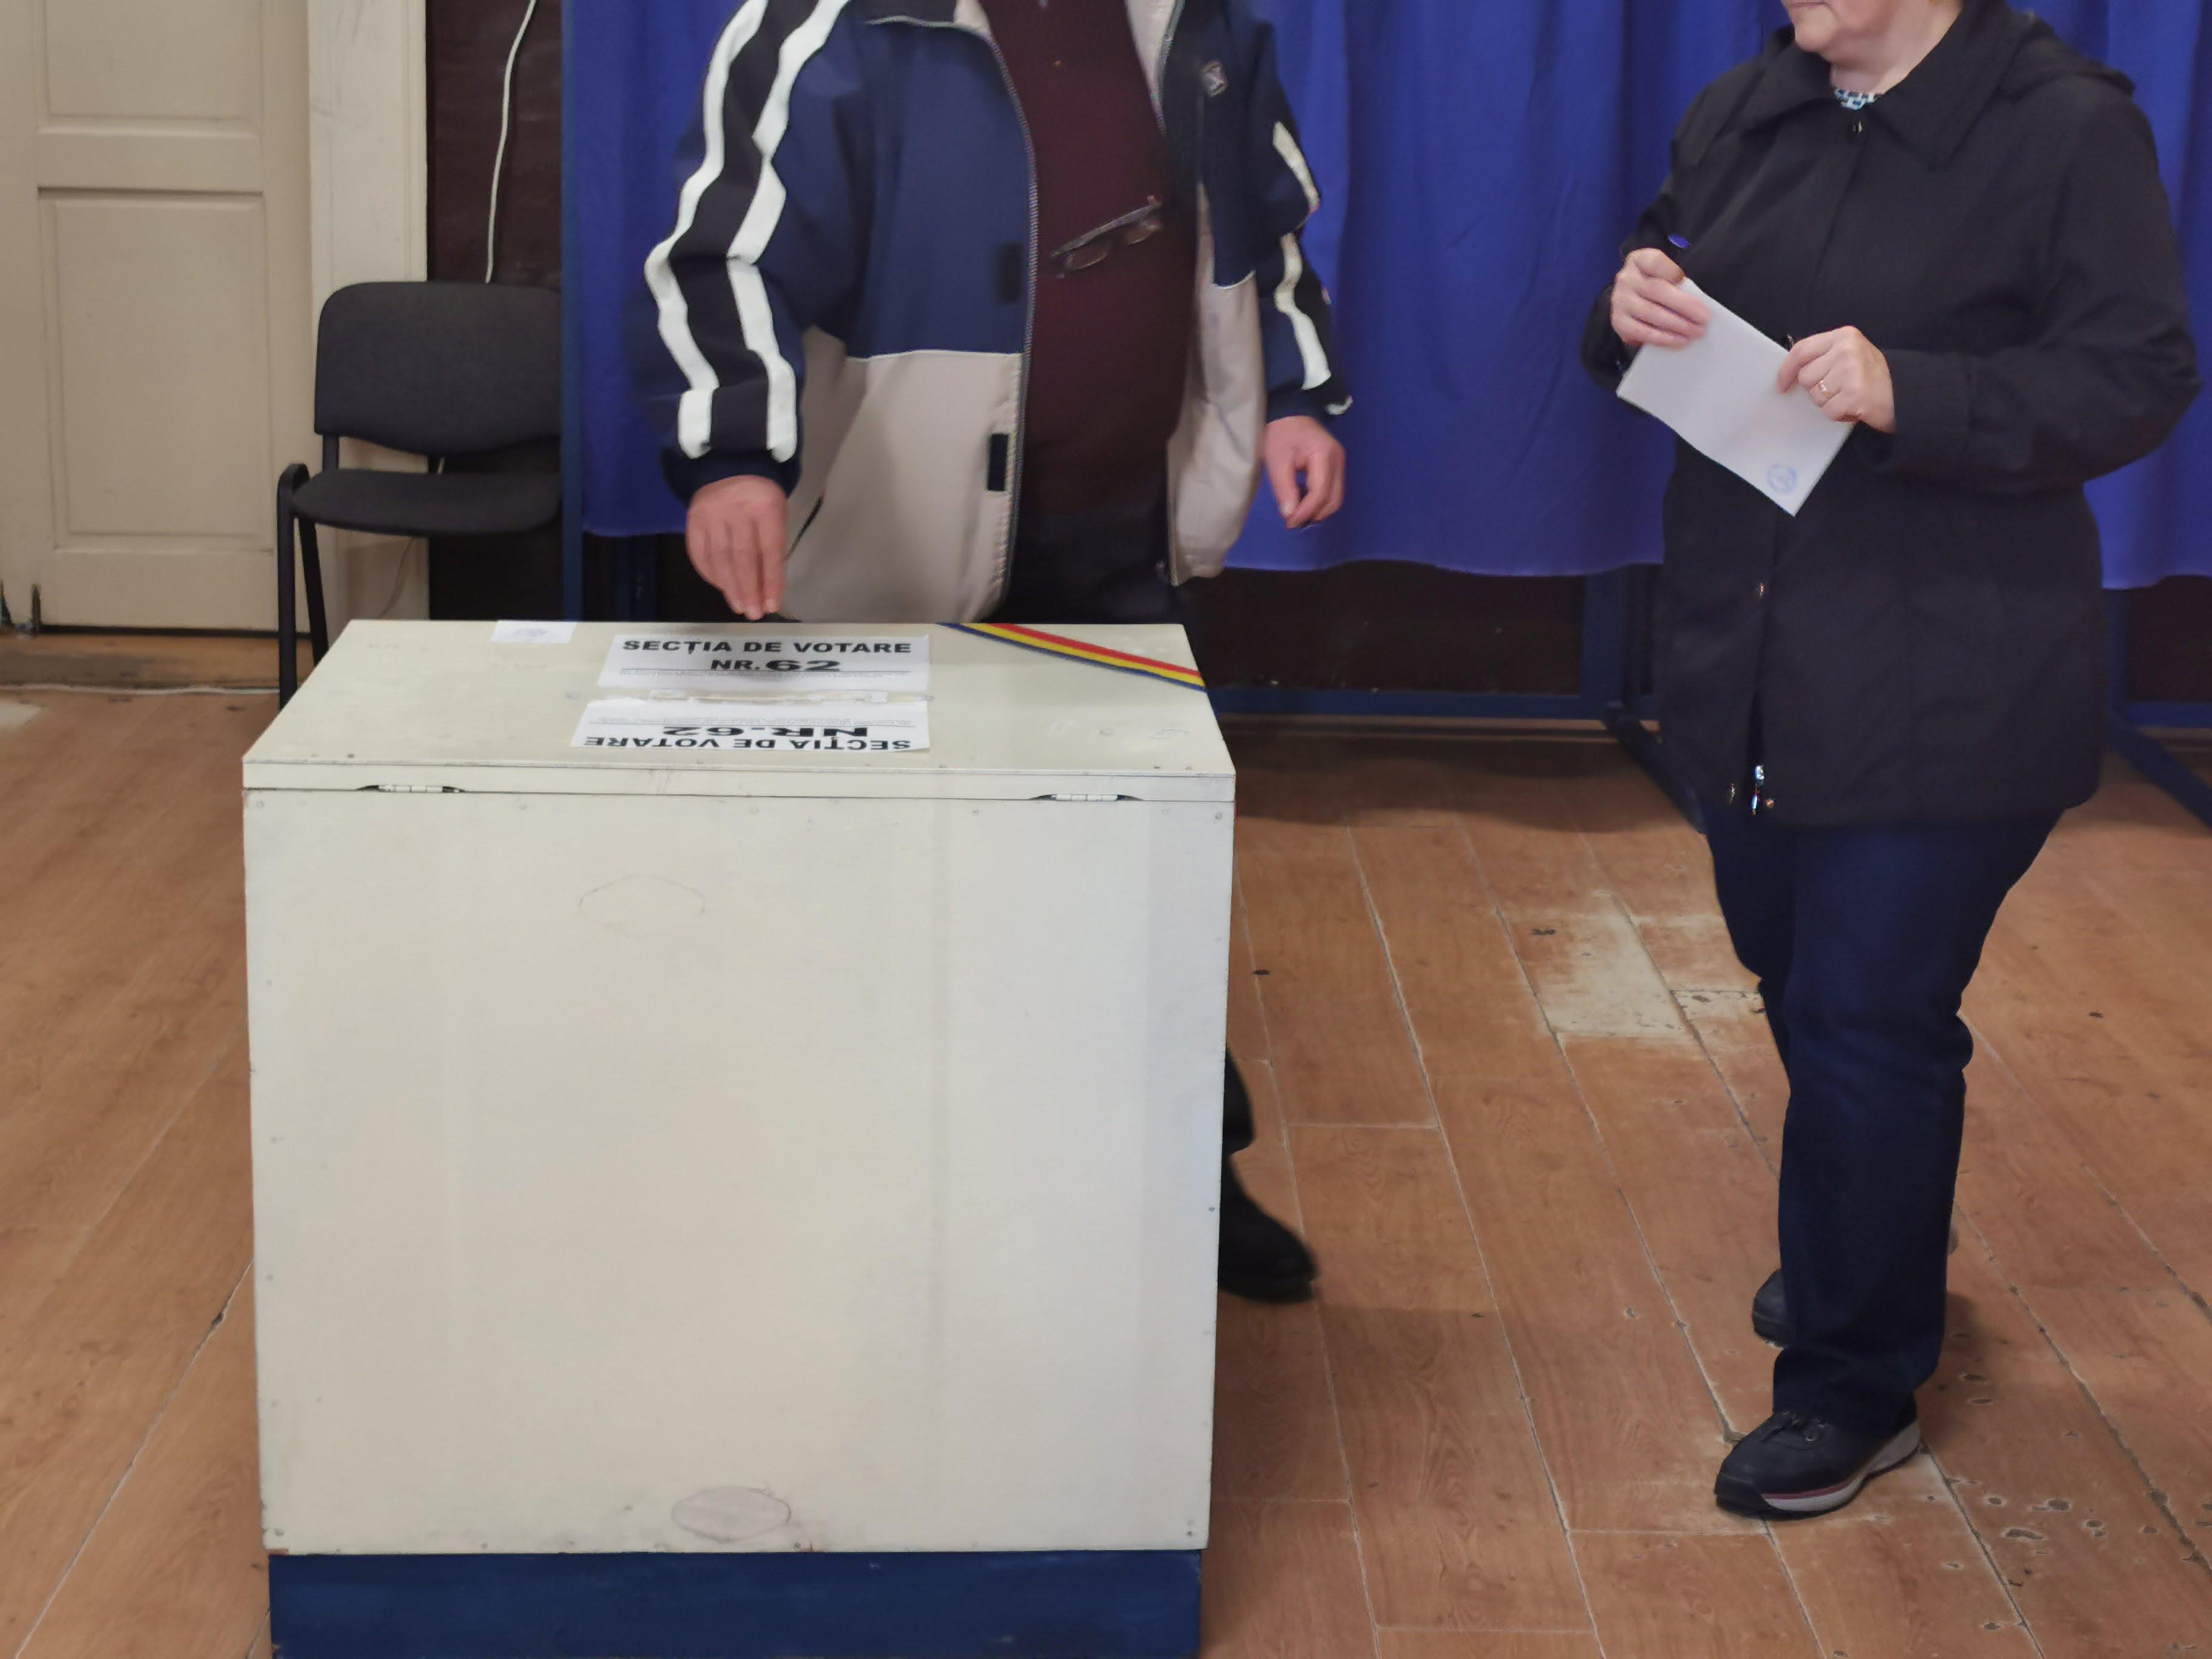 ALEGERI PREZIDENȚIALE 2019! Satu Mare mai urcă un loc în clasamentul prezenței la vot – câți sătmăreni au votat